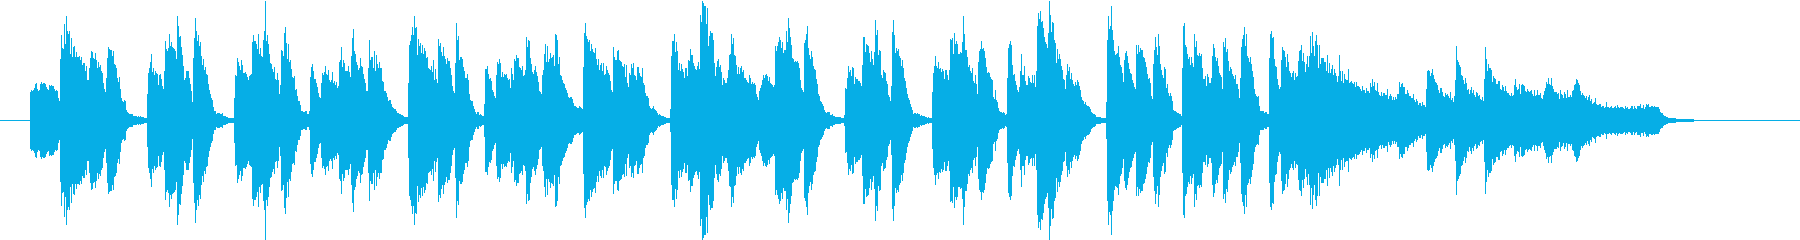 陽気なピアノワルツの再生済みの波形